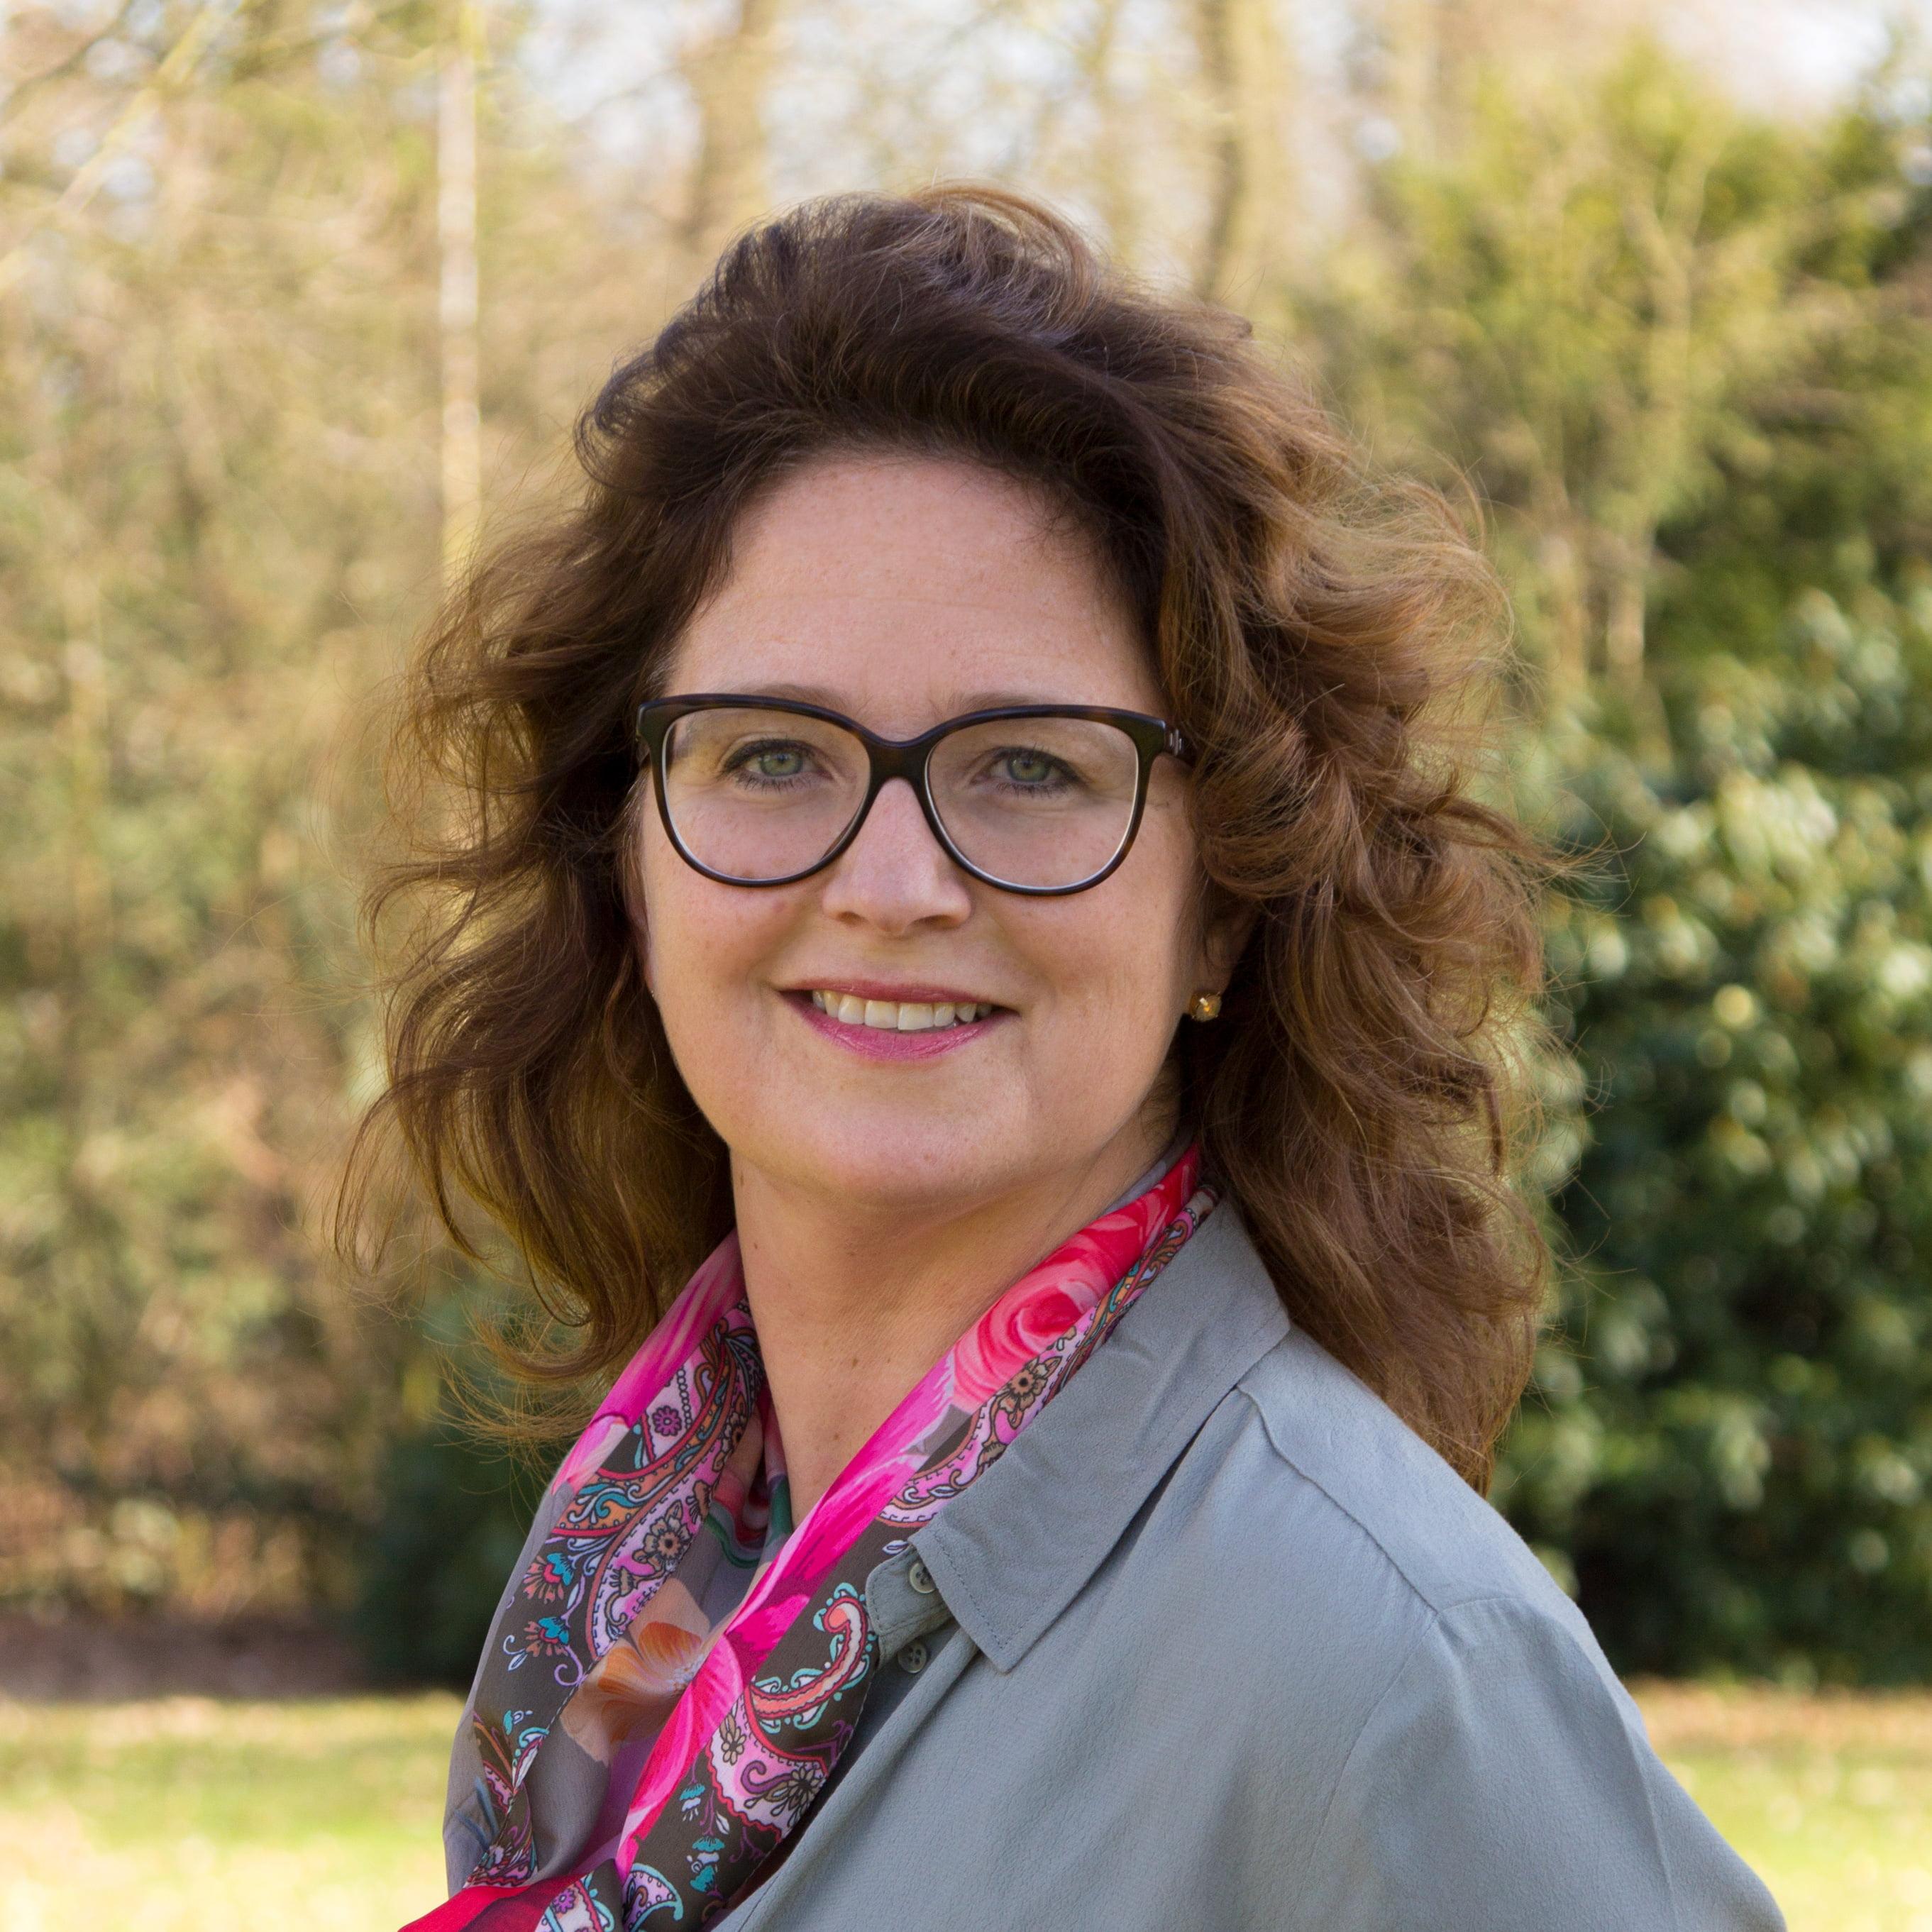 Madeleine Blok